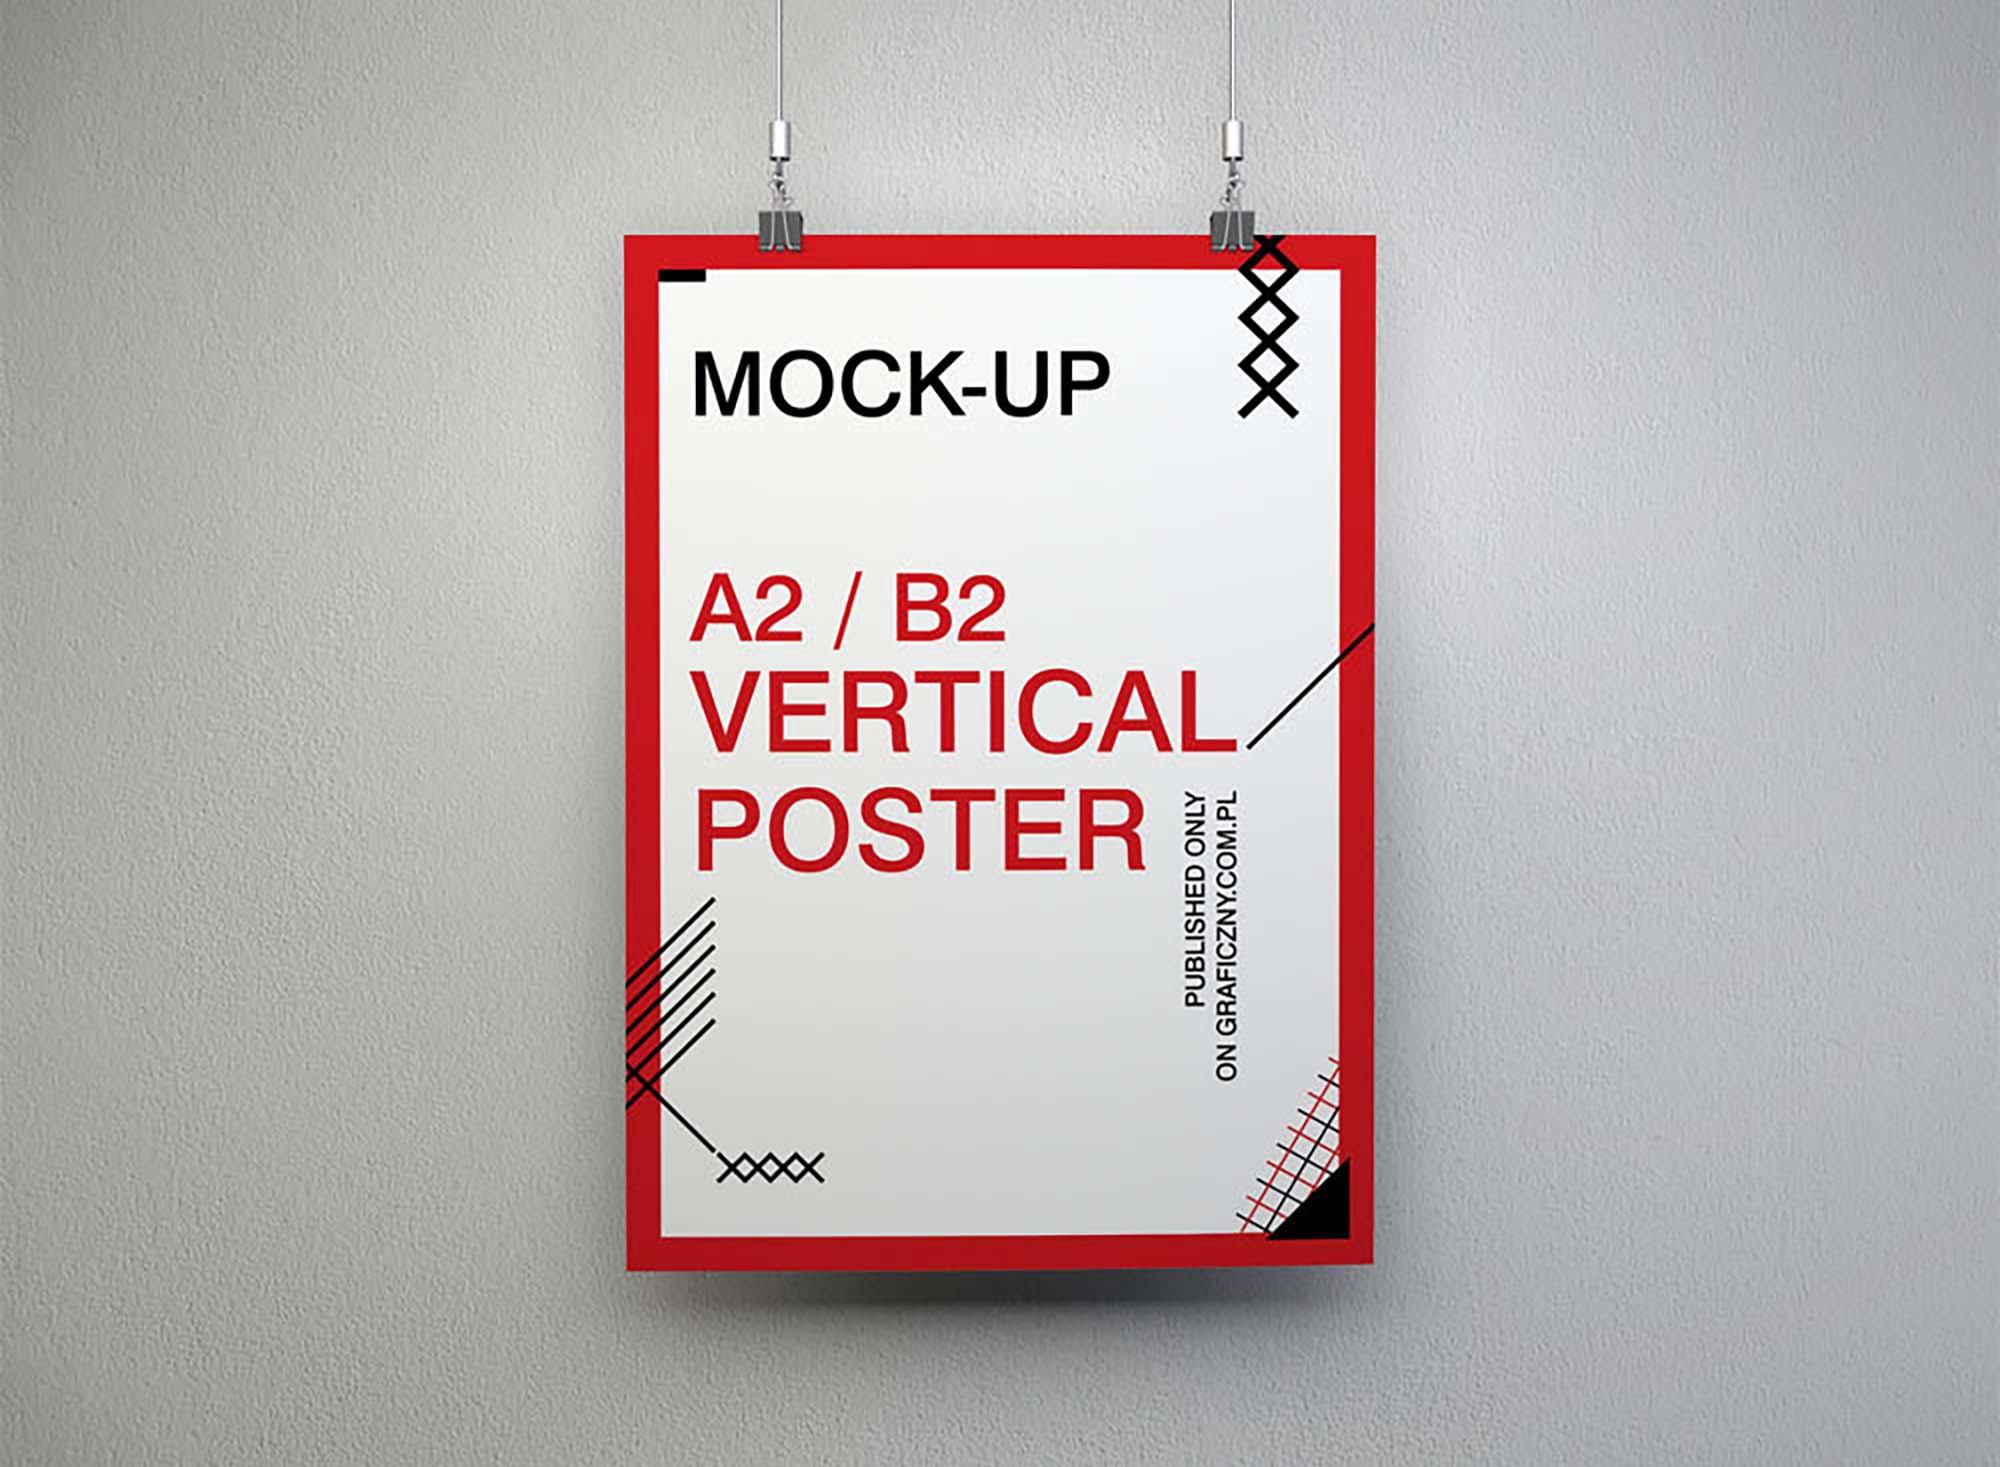 Vertical Poster Mockup